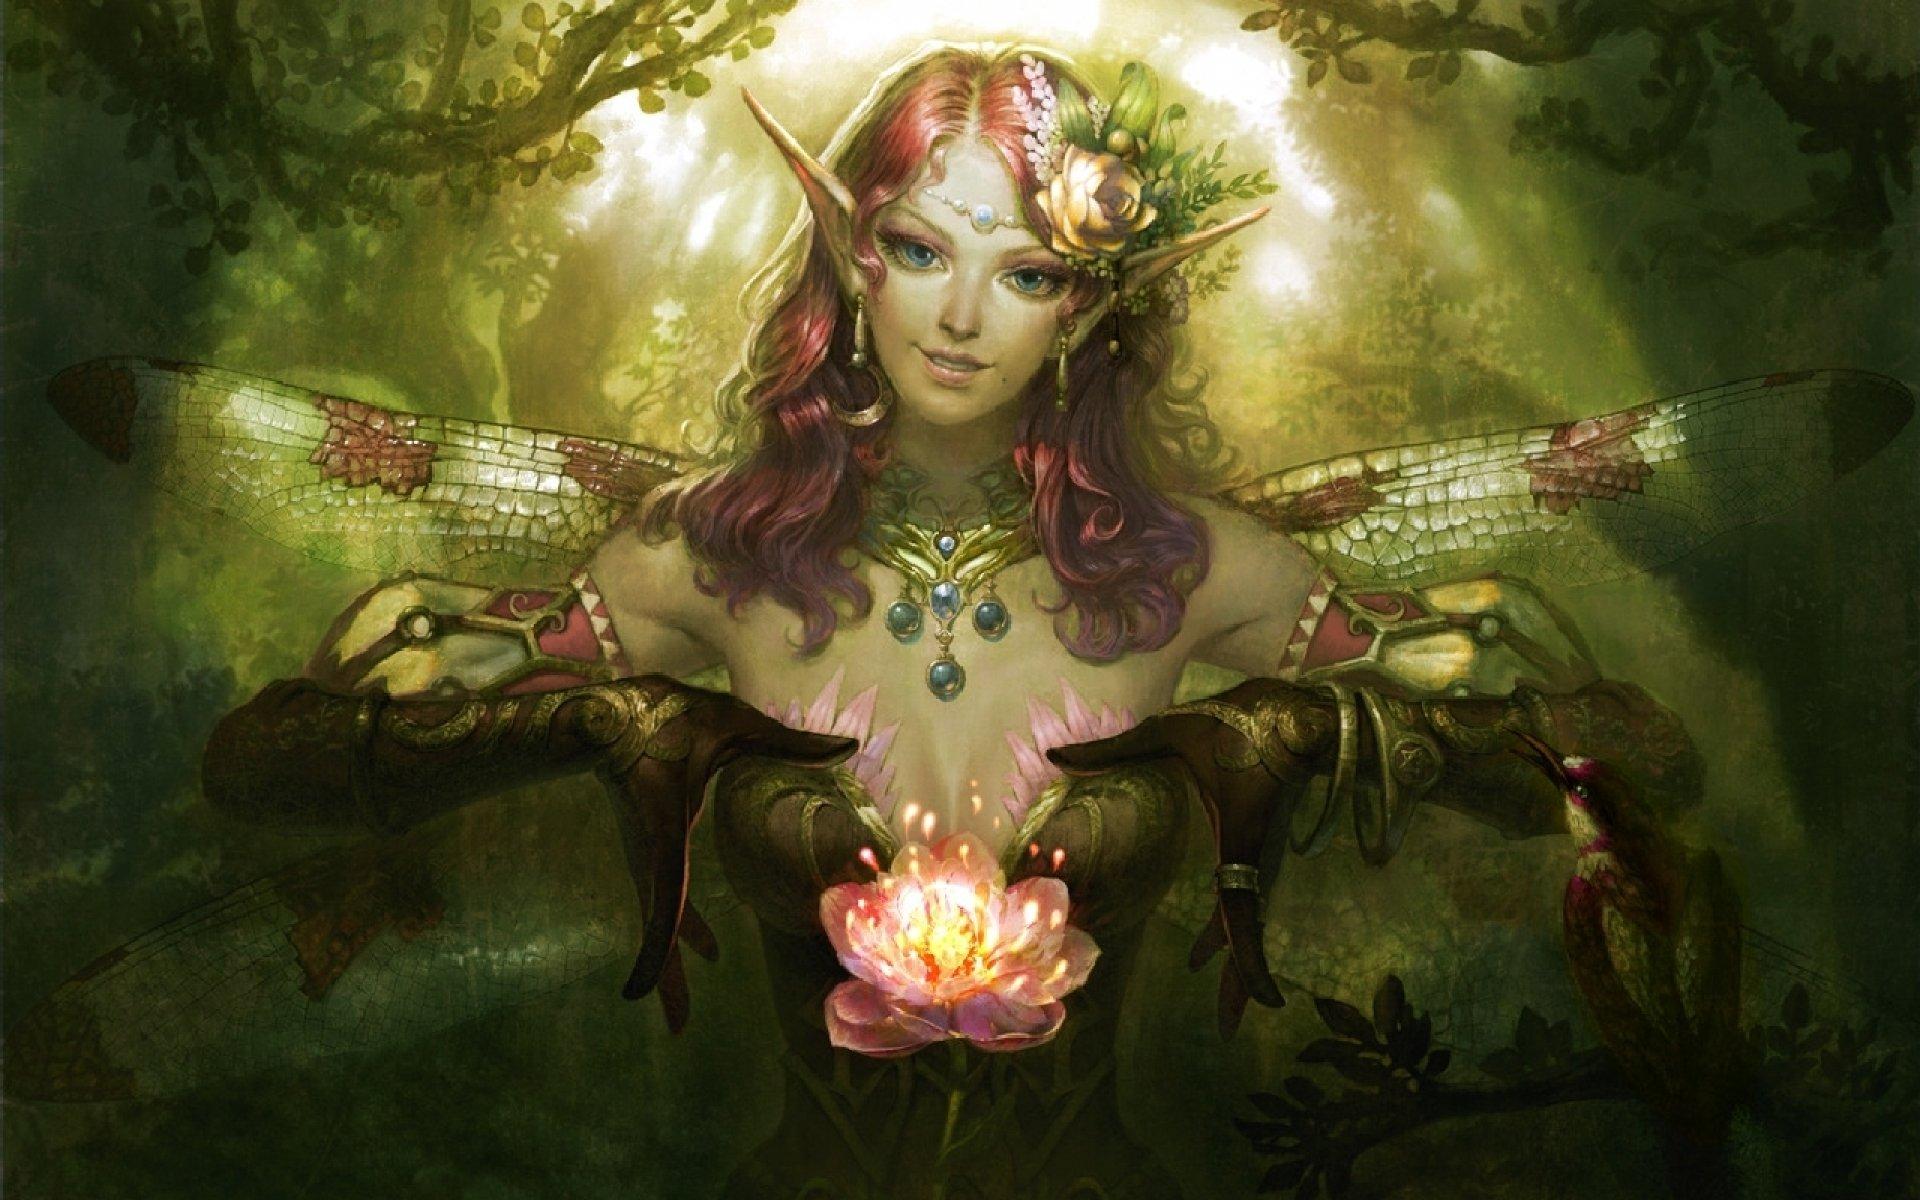 Fantasy fairy art nackt movies